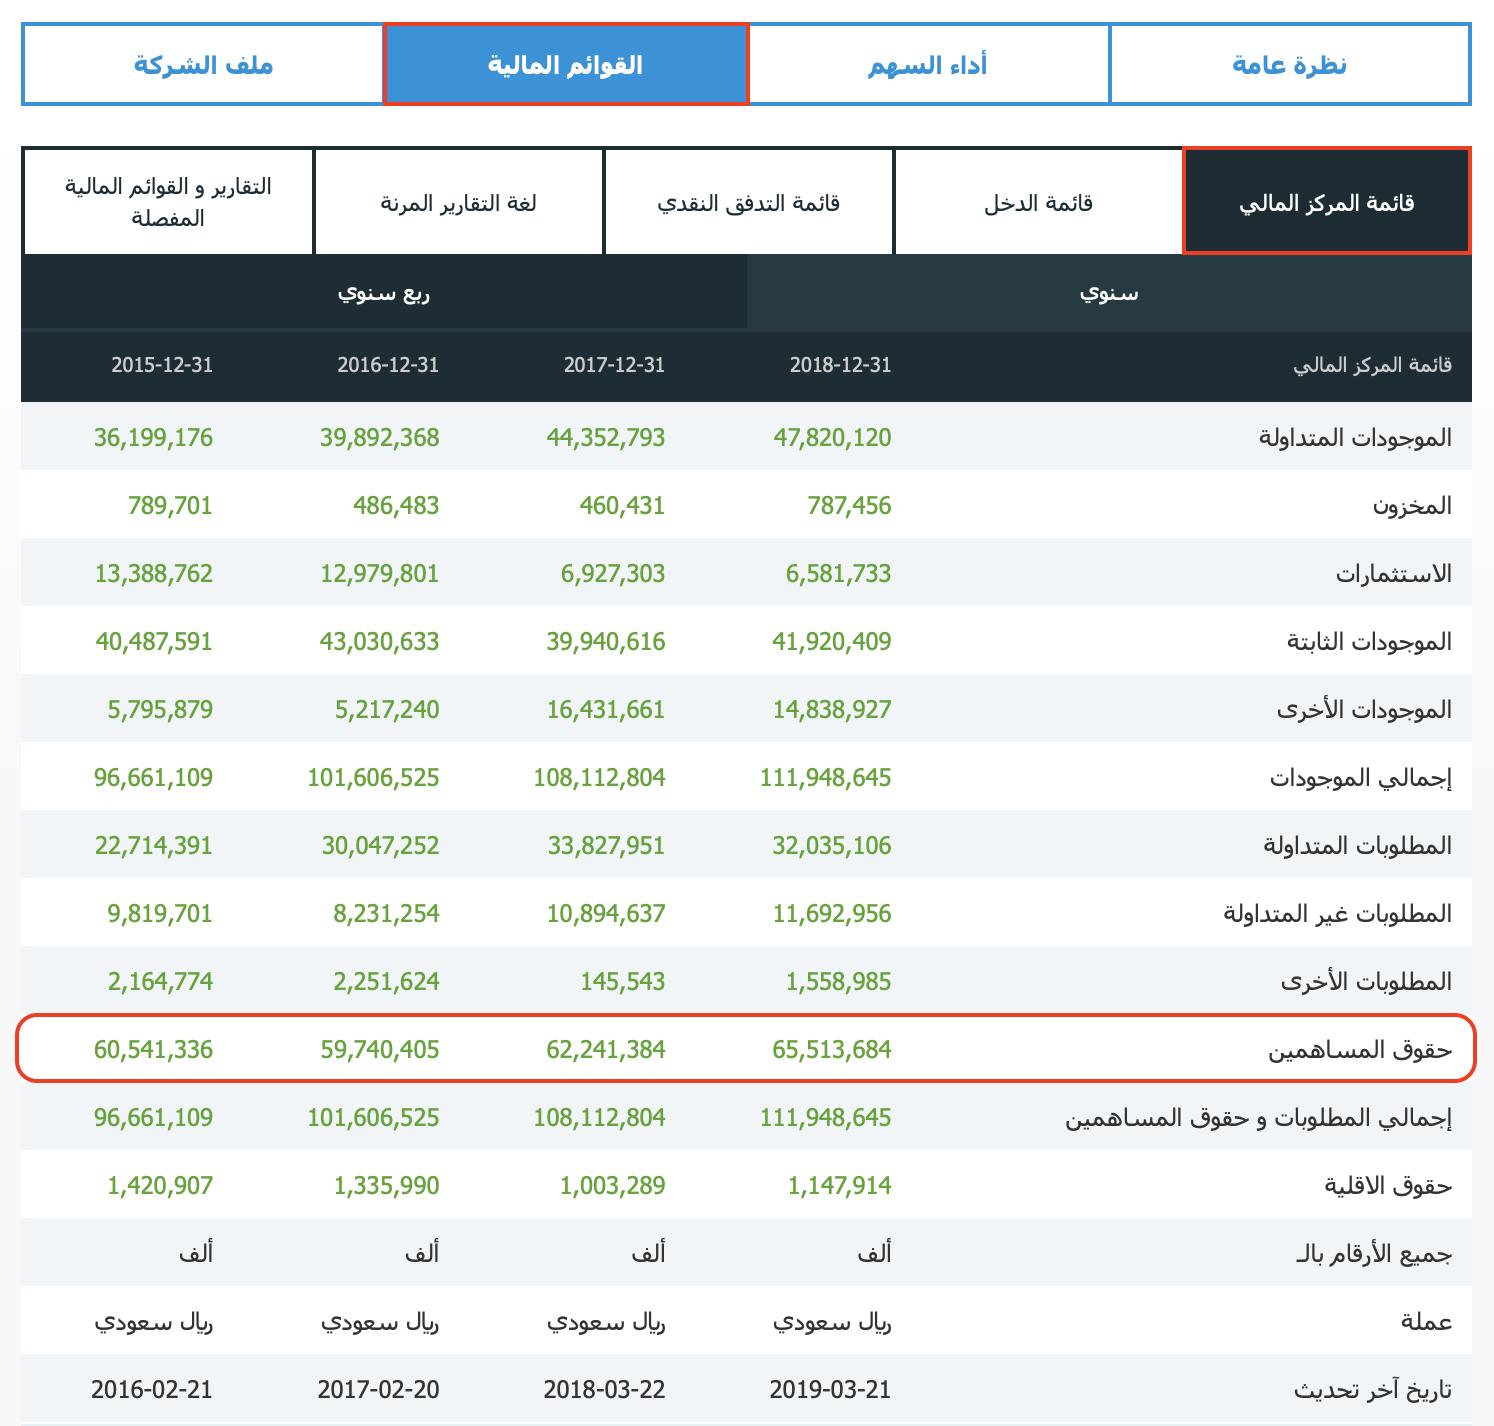 قائمة المركز المالي - حقوق المساهمين